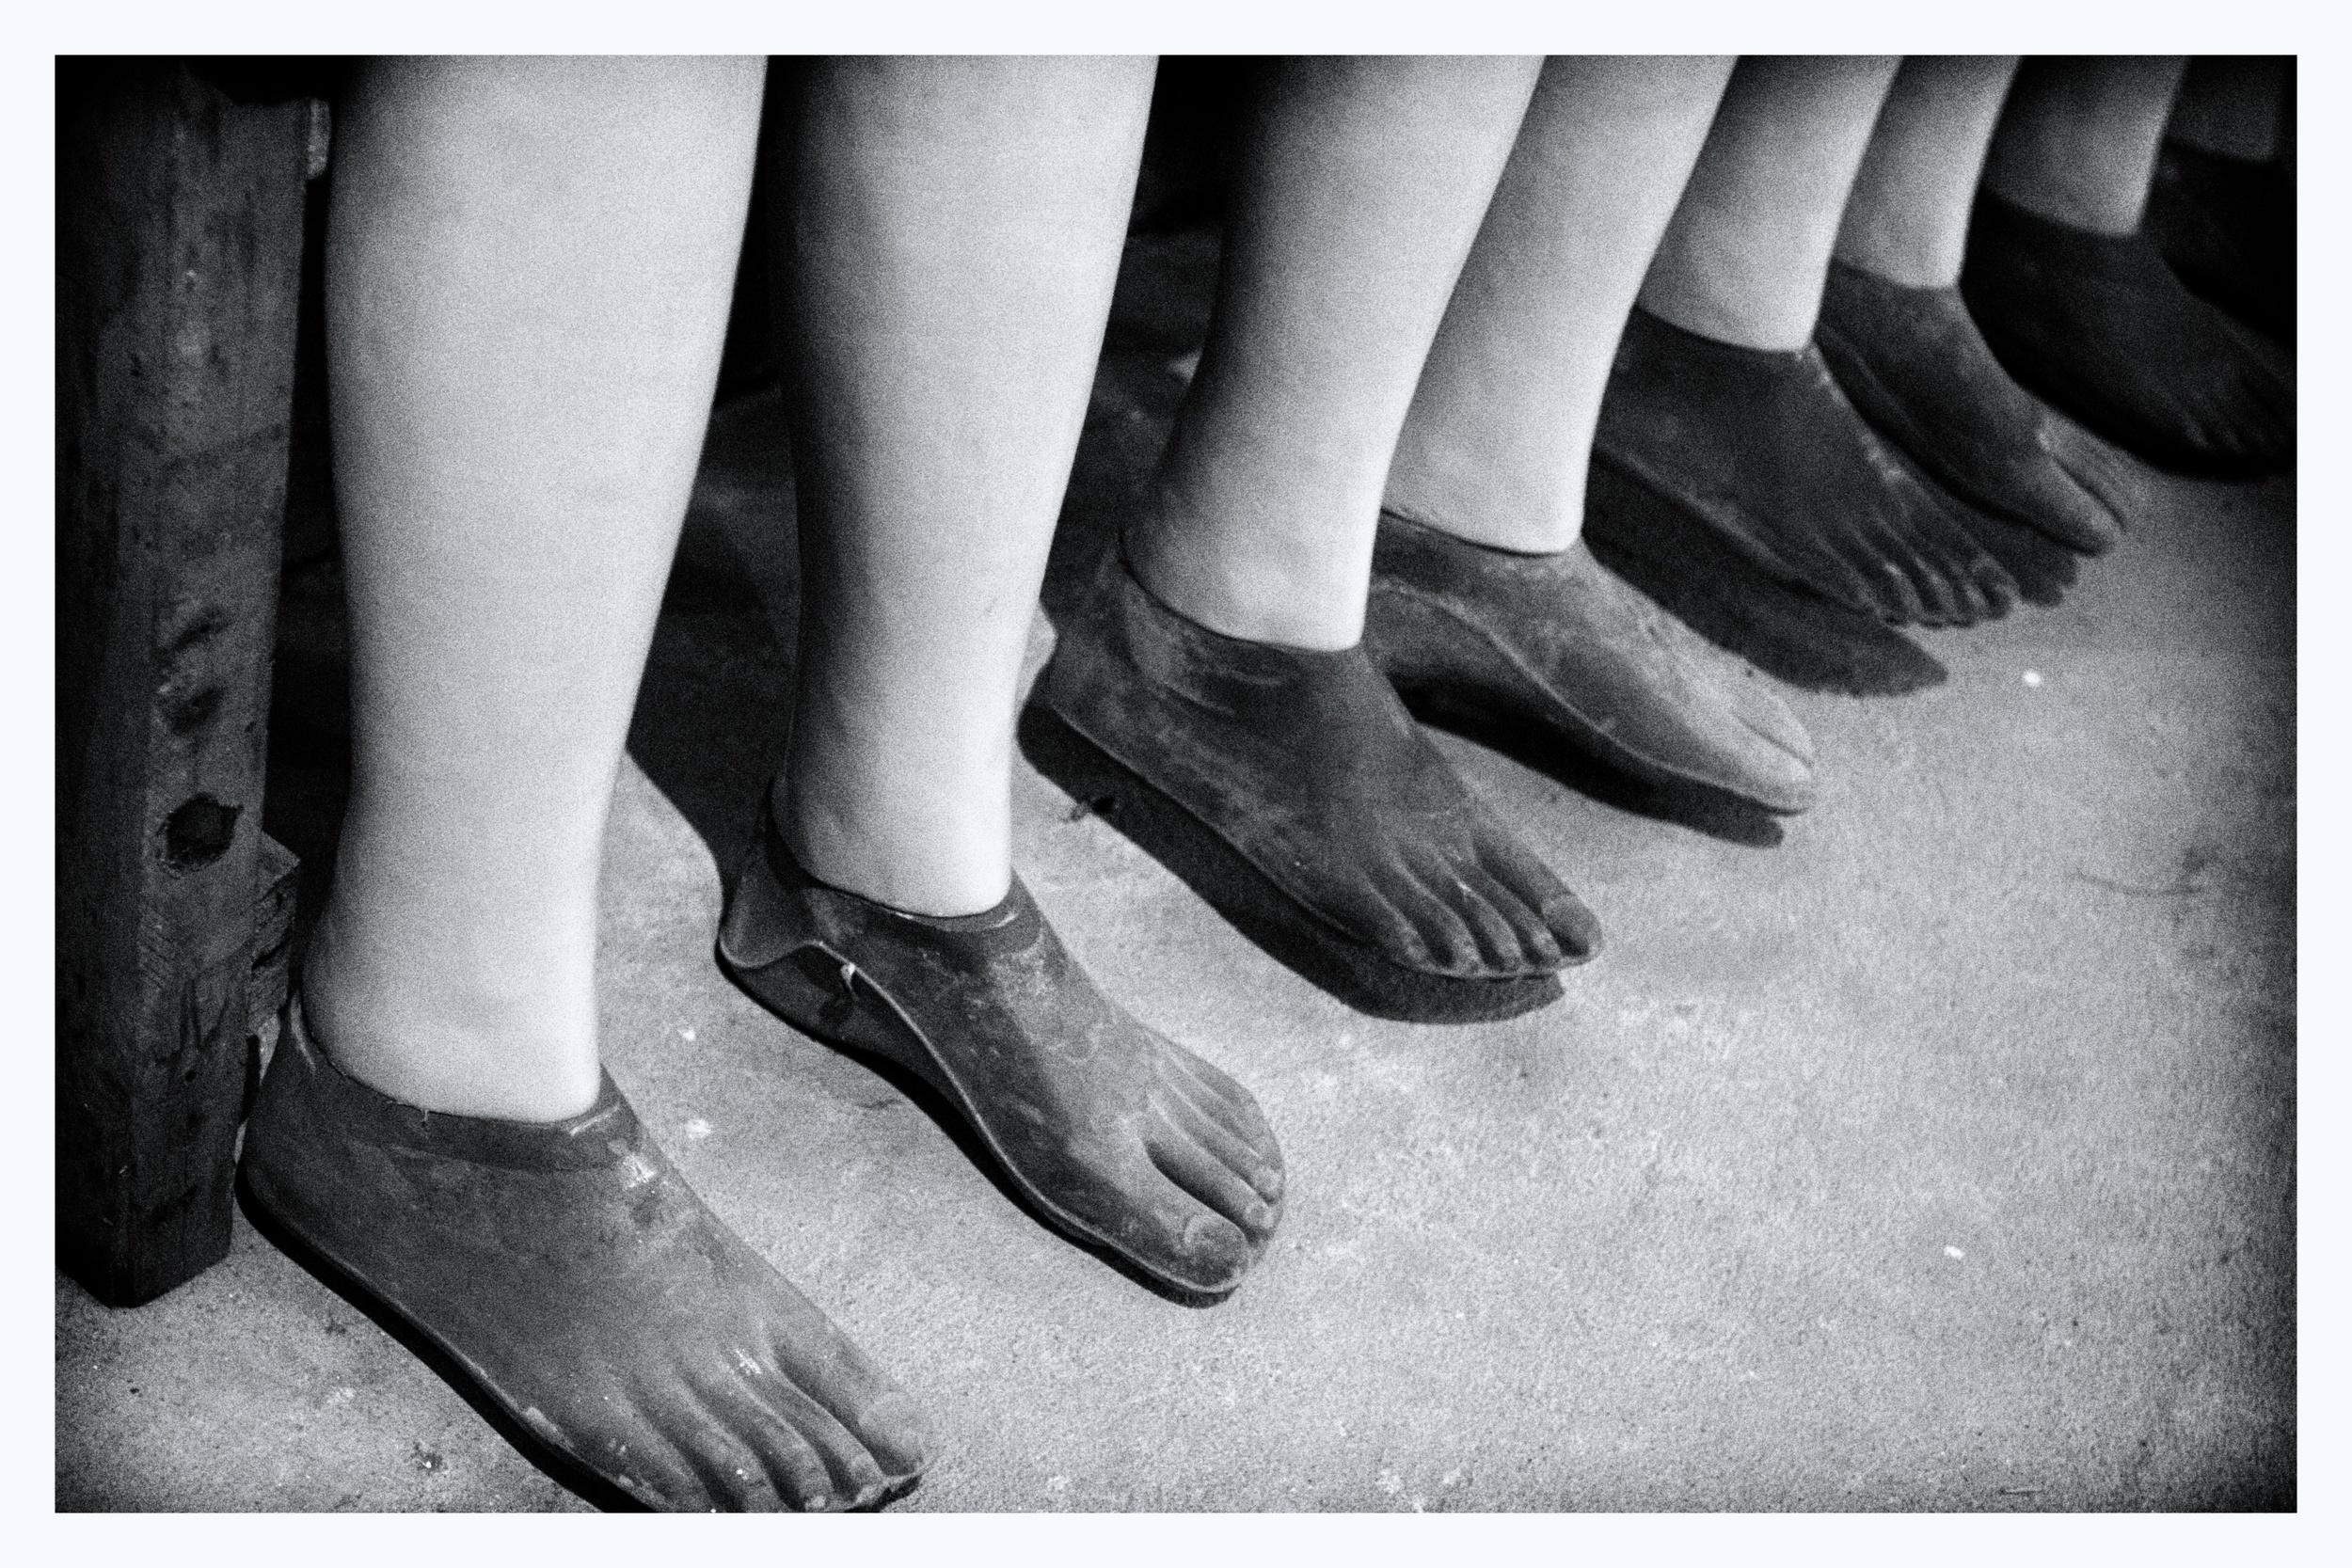 COPE row of prosthetics.jpg